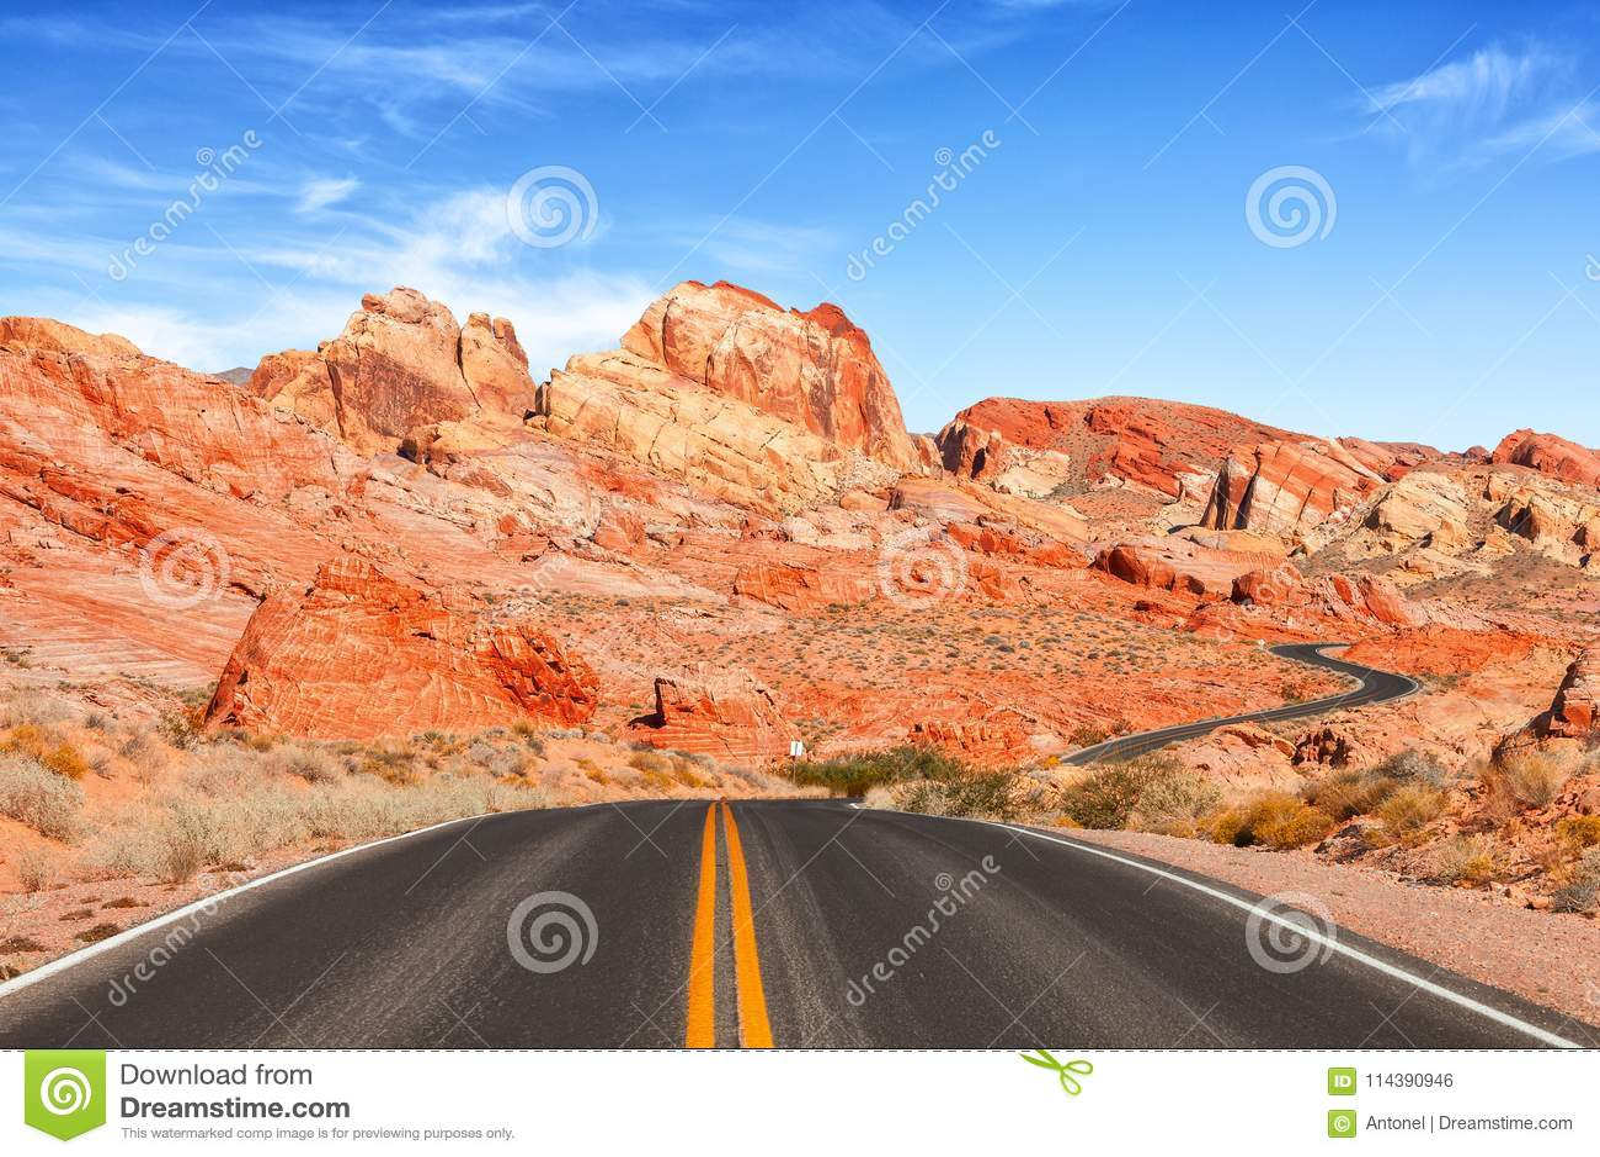 Szenische Ansicht von der Straße im Tal des Feuer-Nationalparks, Nevada, Vereinigte Staaten